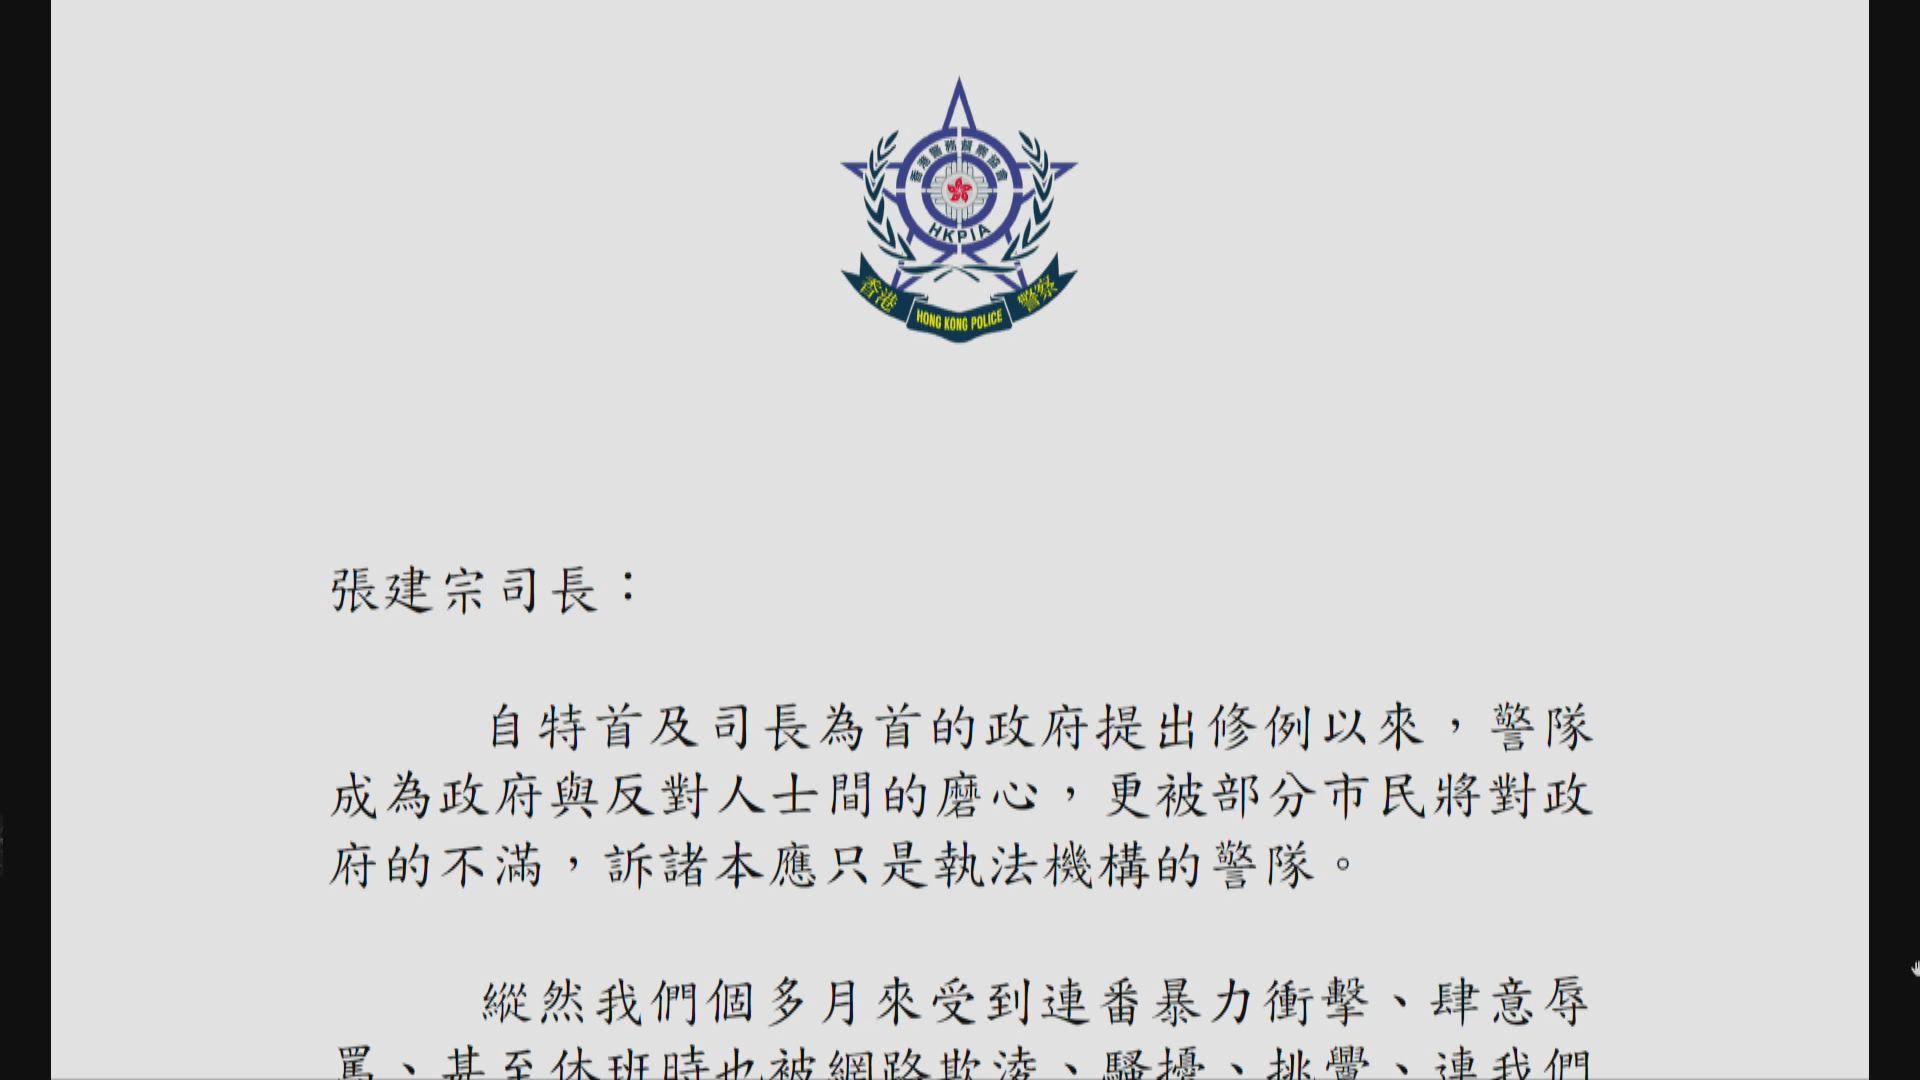 督察協會批張建宗言論抹殺警隊付出及犧牲